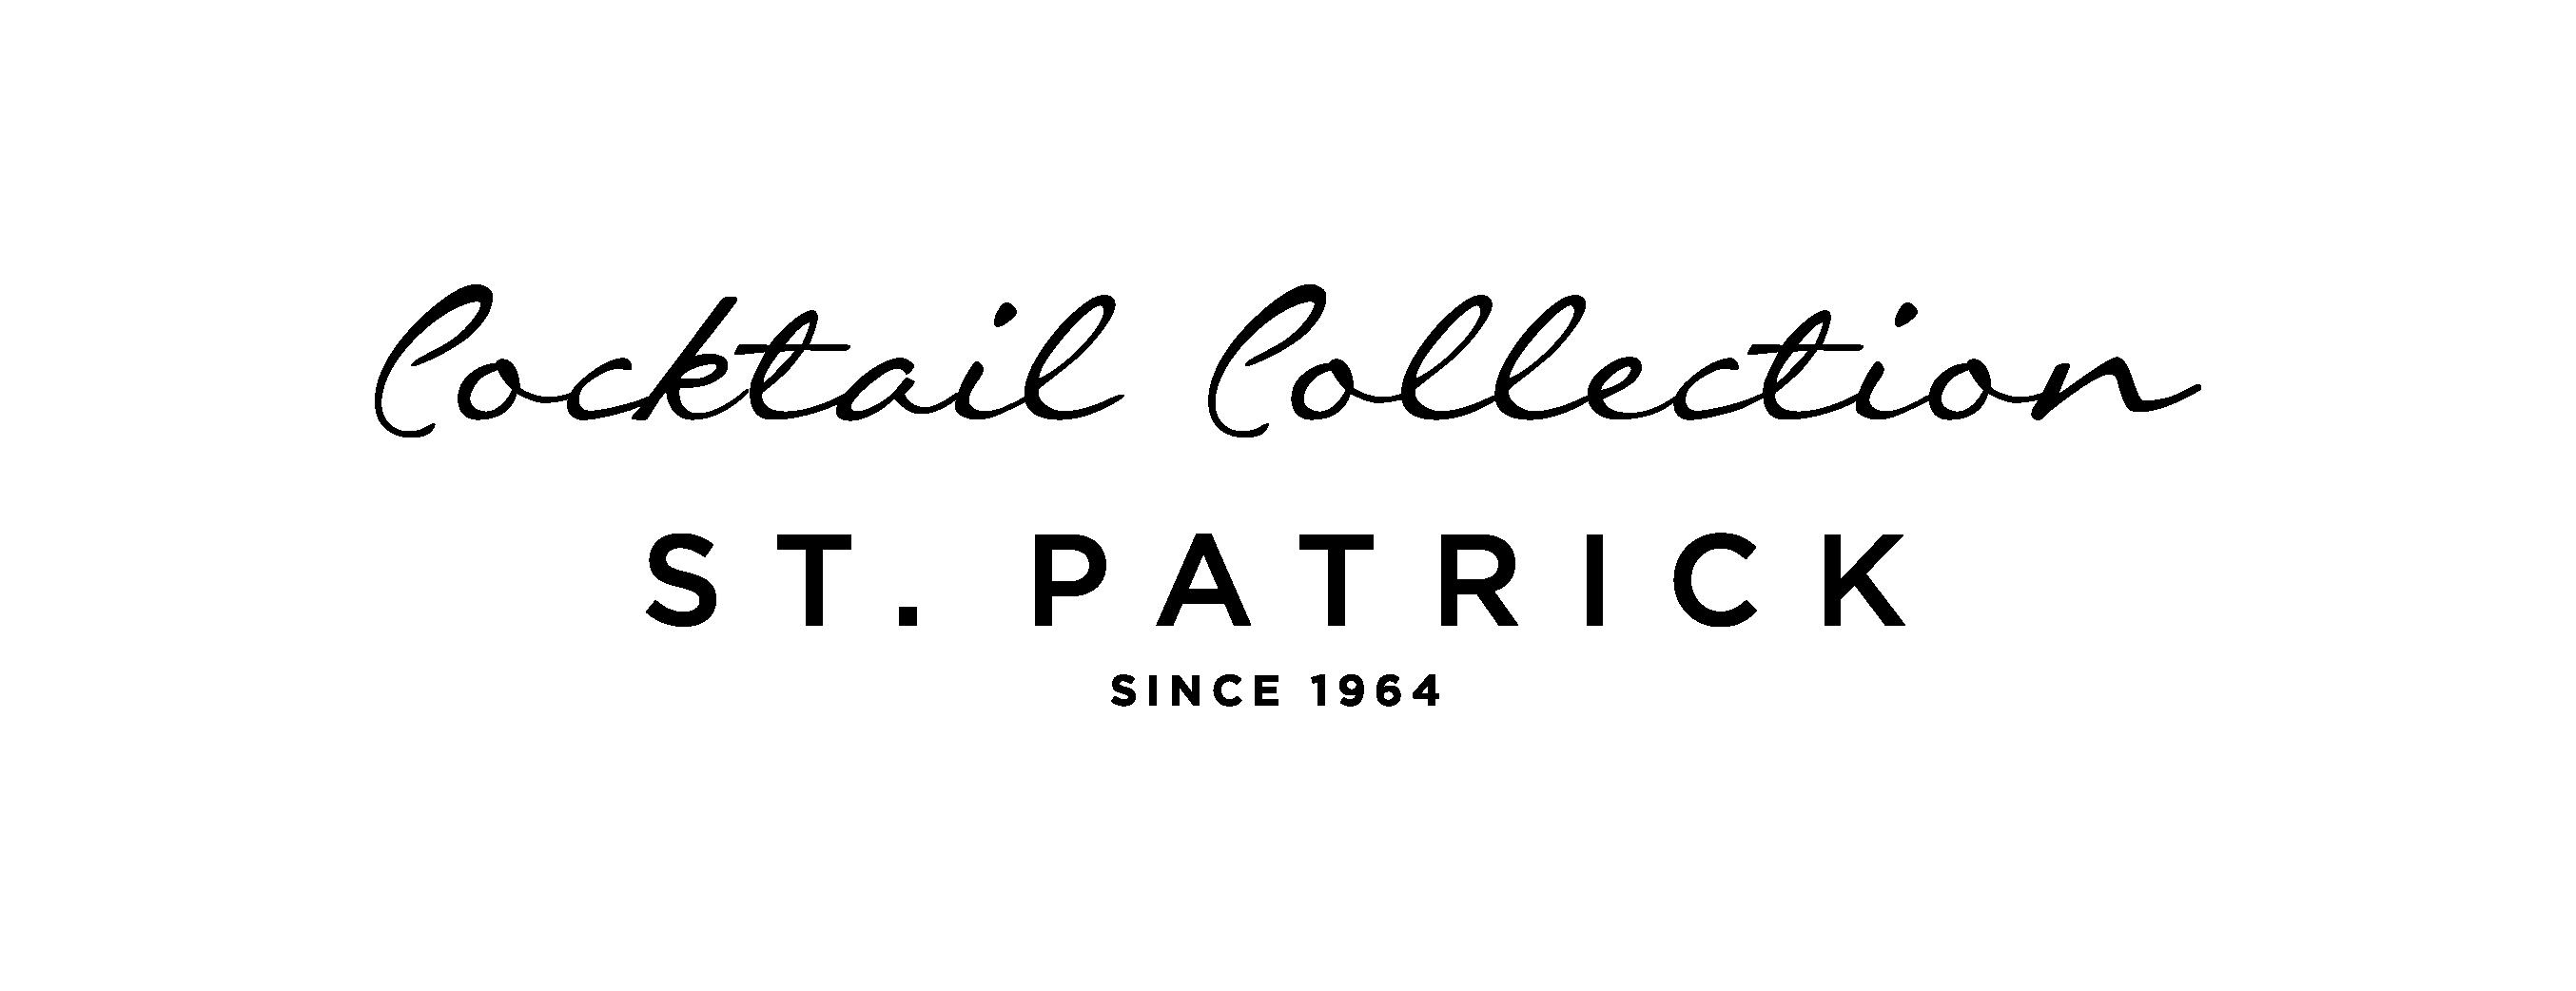 SAN PATRICK COCKTAIL COLECTION